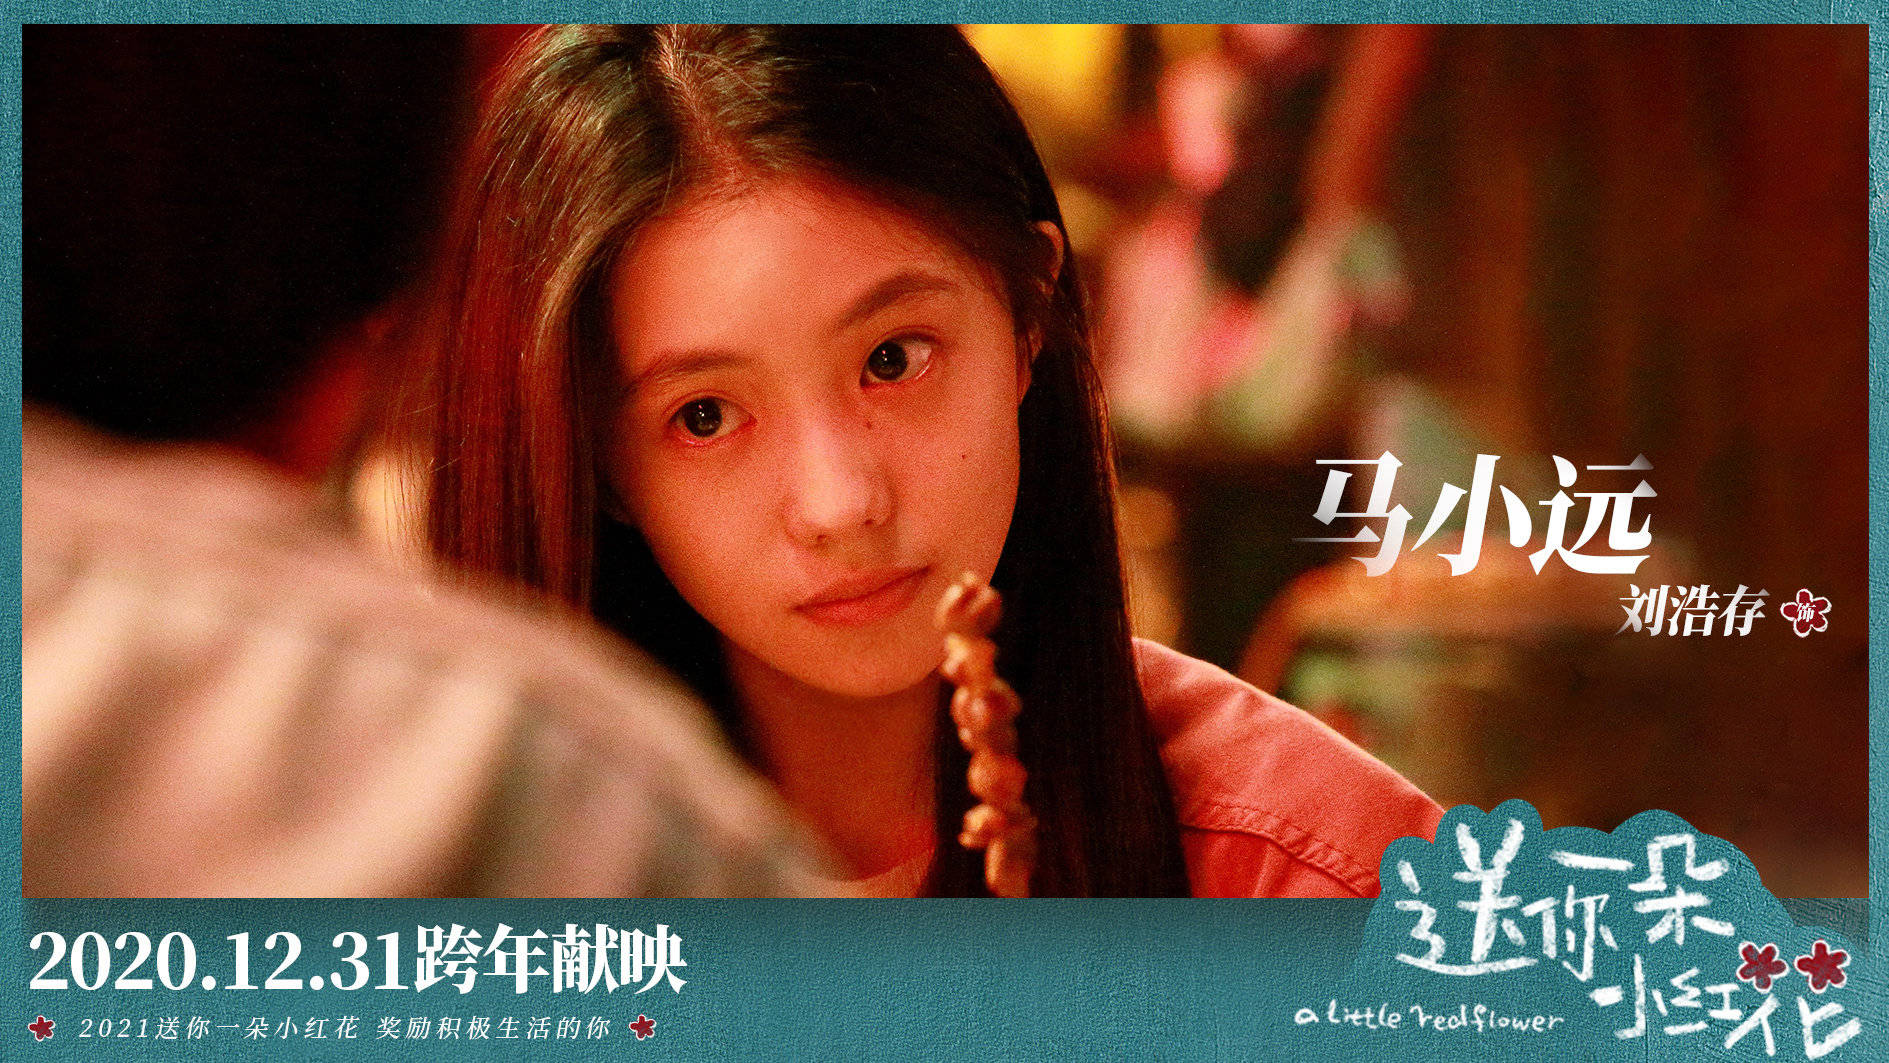 电影《送你一朵小红花》迅雷下载1080p.BD中英双字幕高清下载